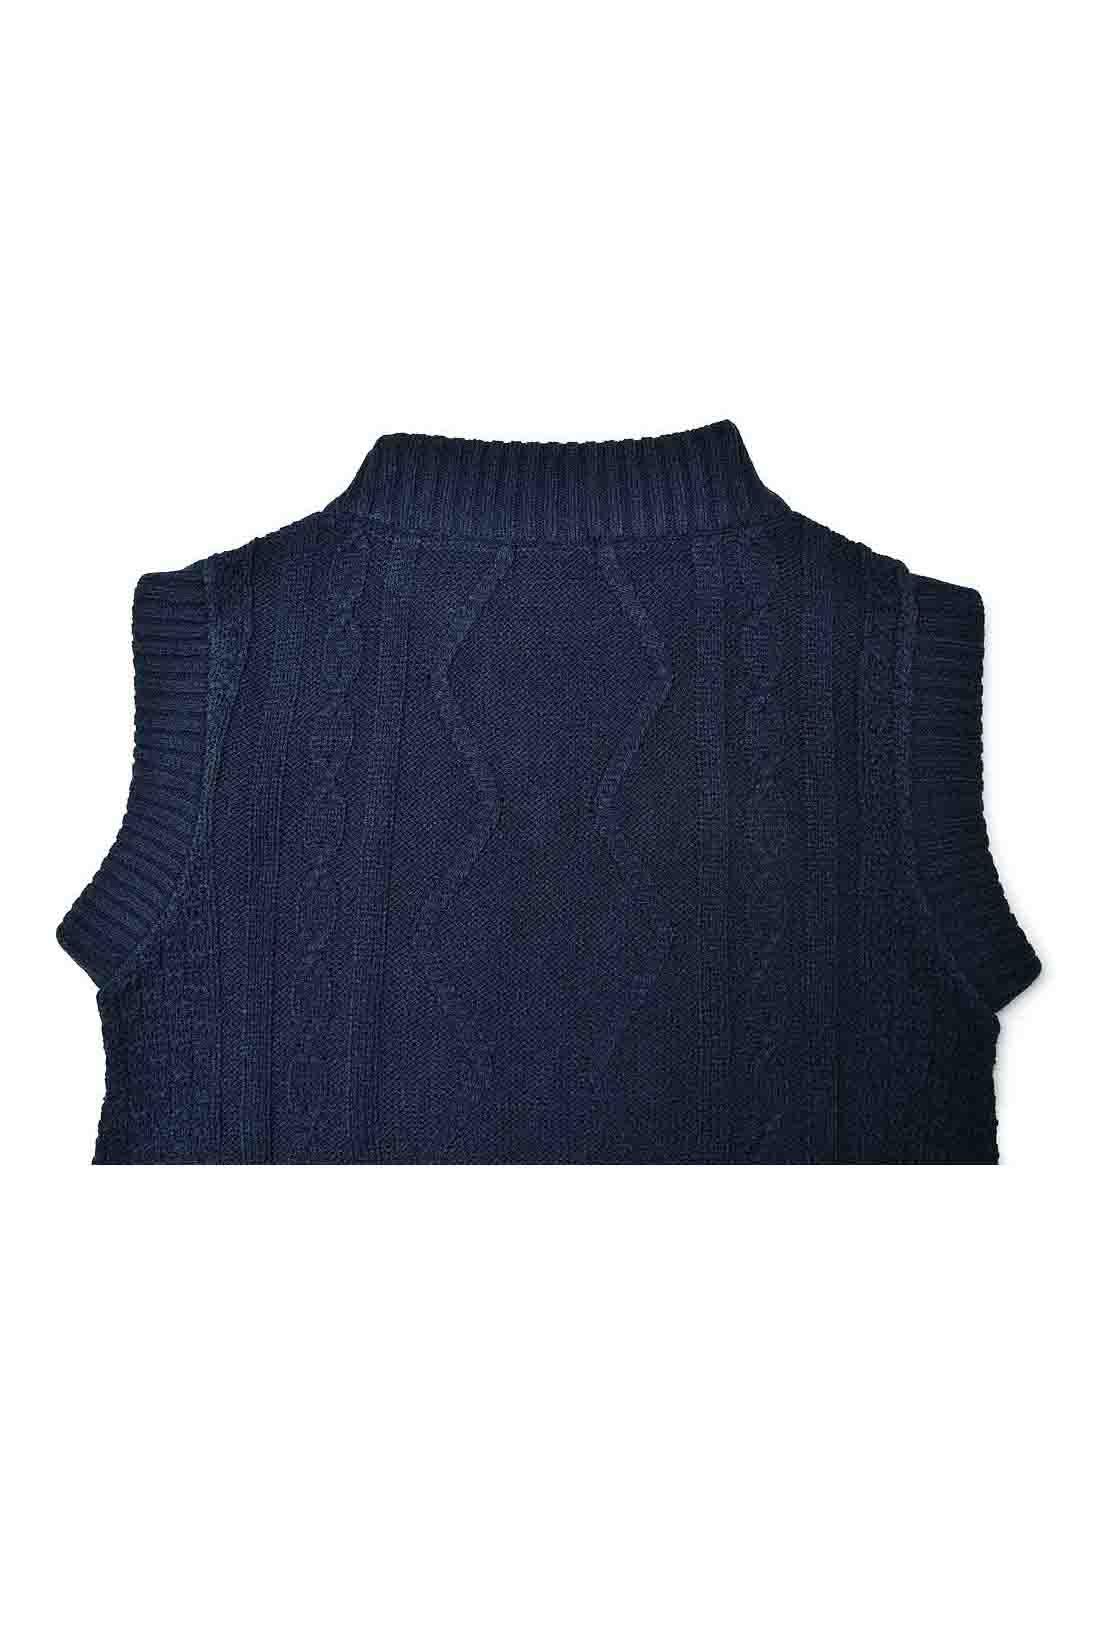 後ろにはぽこっとした編み模様がなくスッキリとした印象に仕上げました。